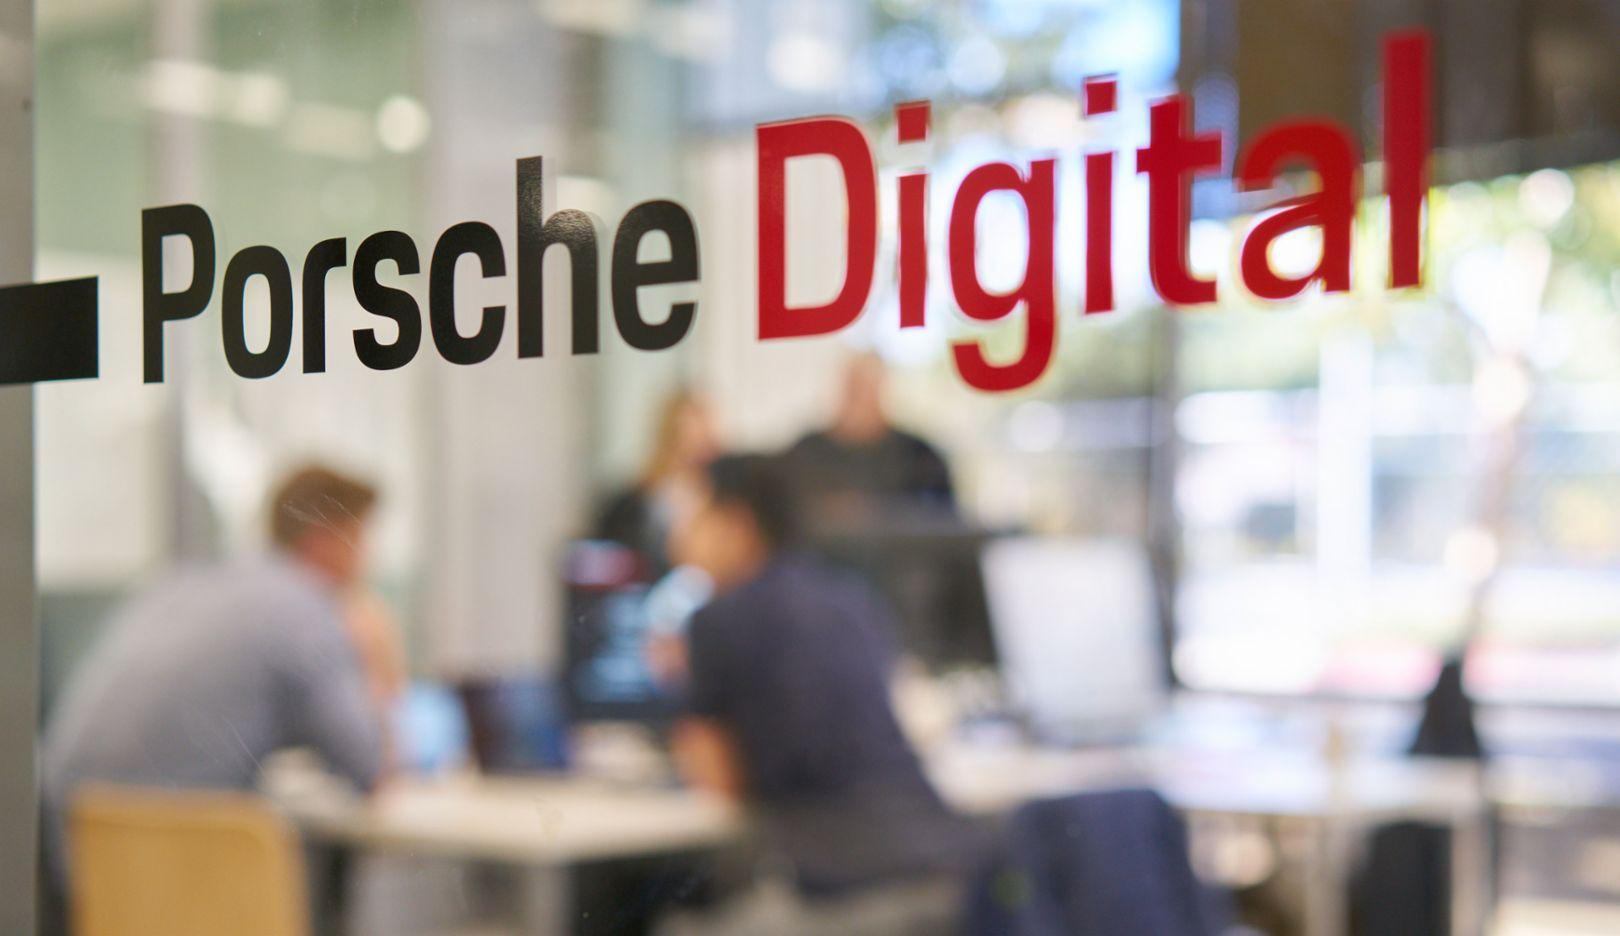 Porsche Digital, Silicon Valley, 2017, Porsche AG